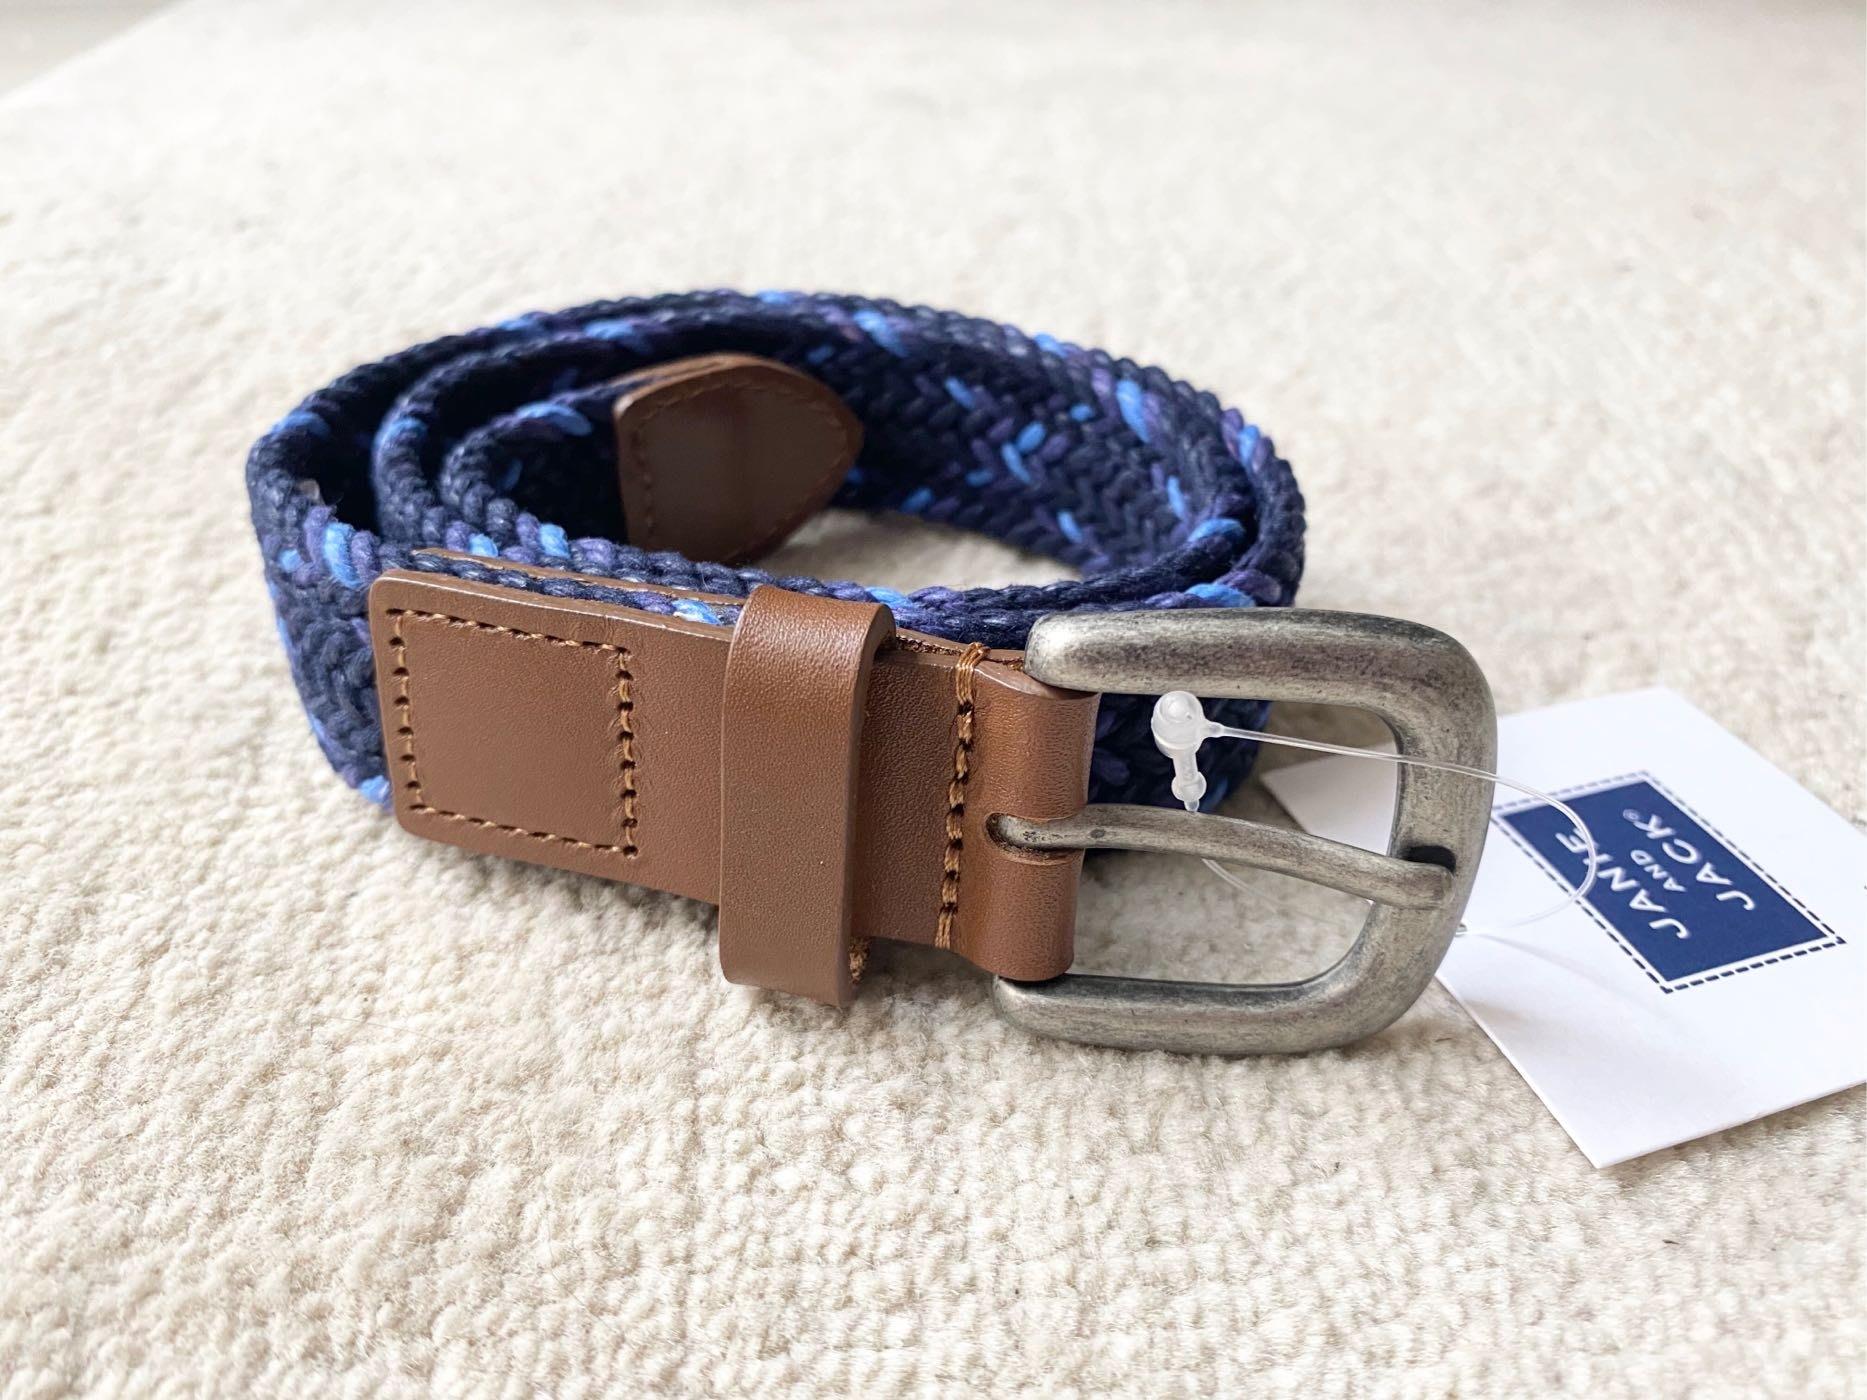 兒童編織扣環腰帶 - 藍編織